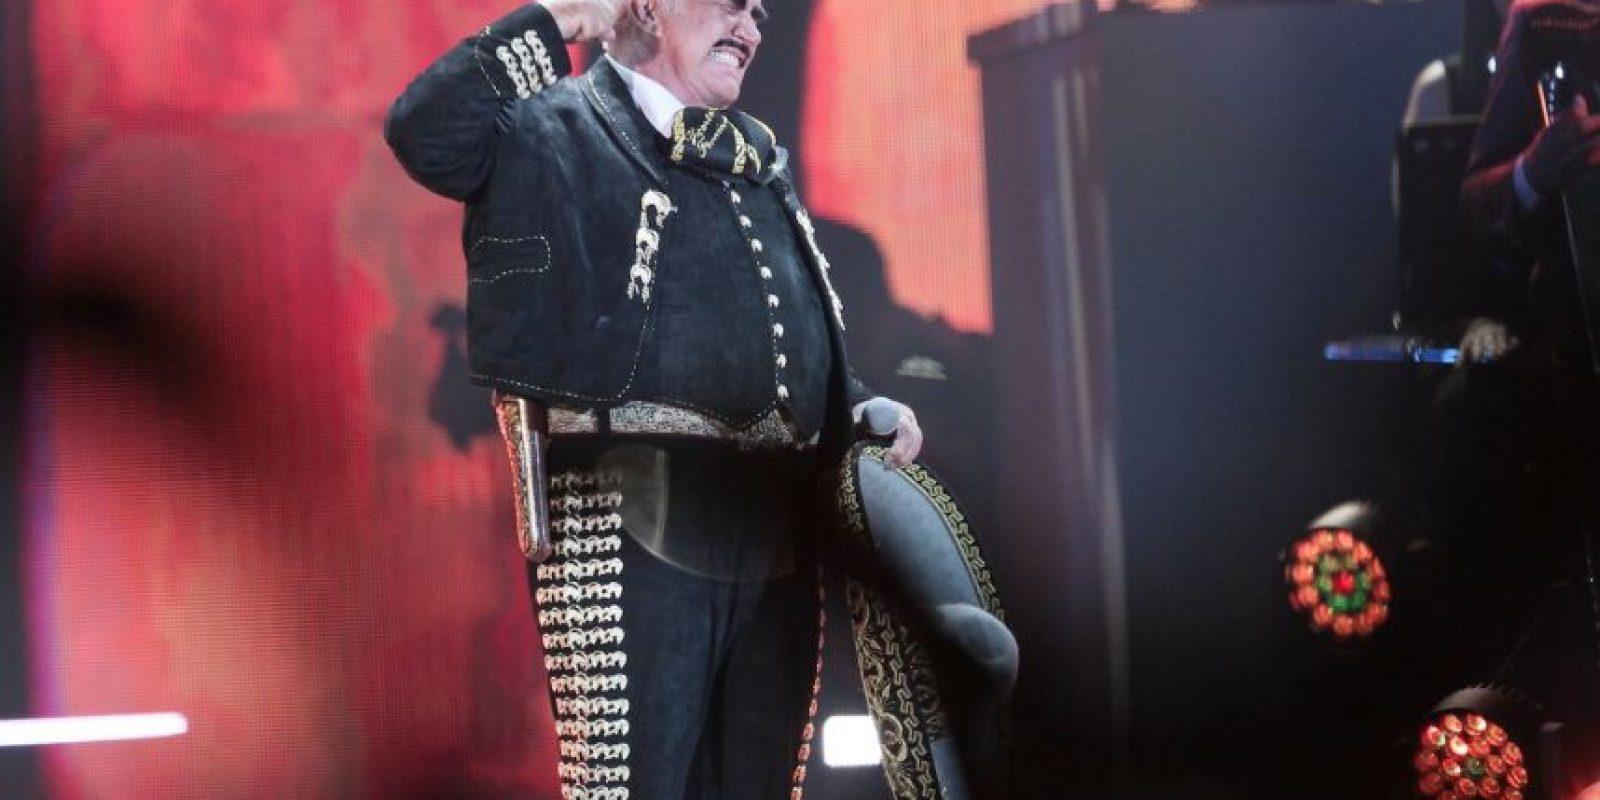 El acceso al inmueble inició a las 18:00 horas y el público mostró su emoción por despedir al cantante. Foto:Notimex